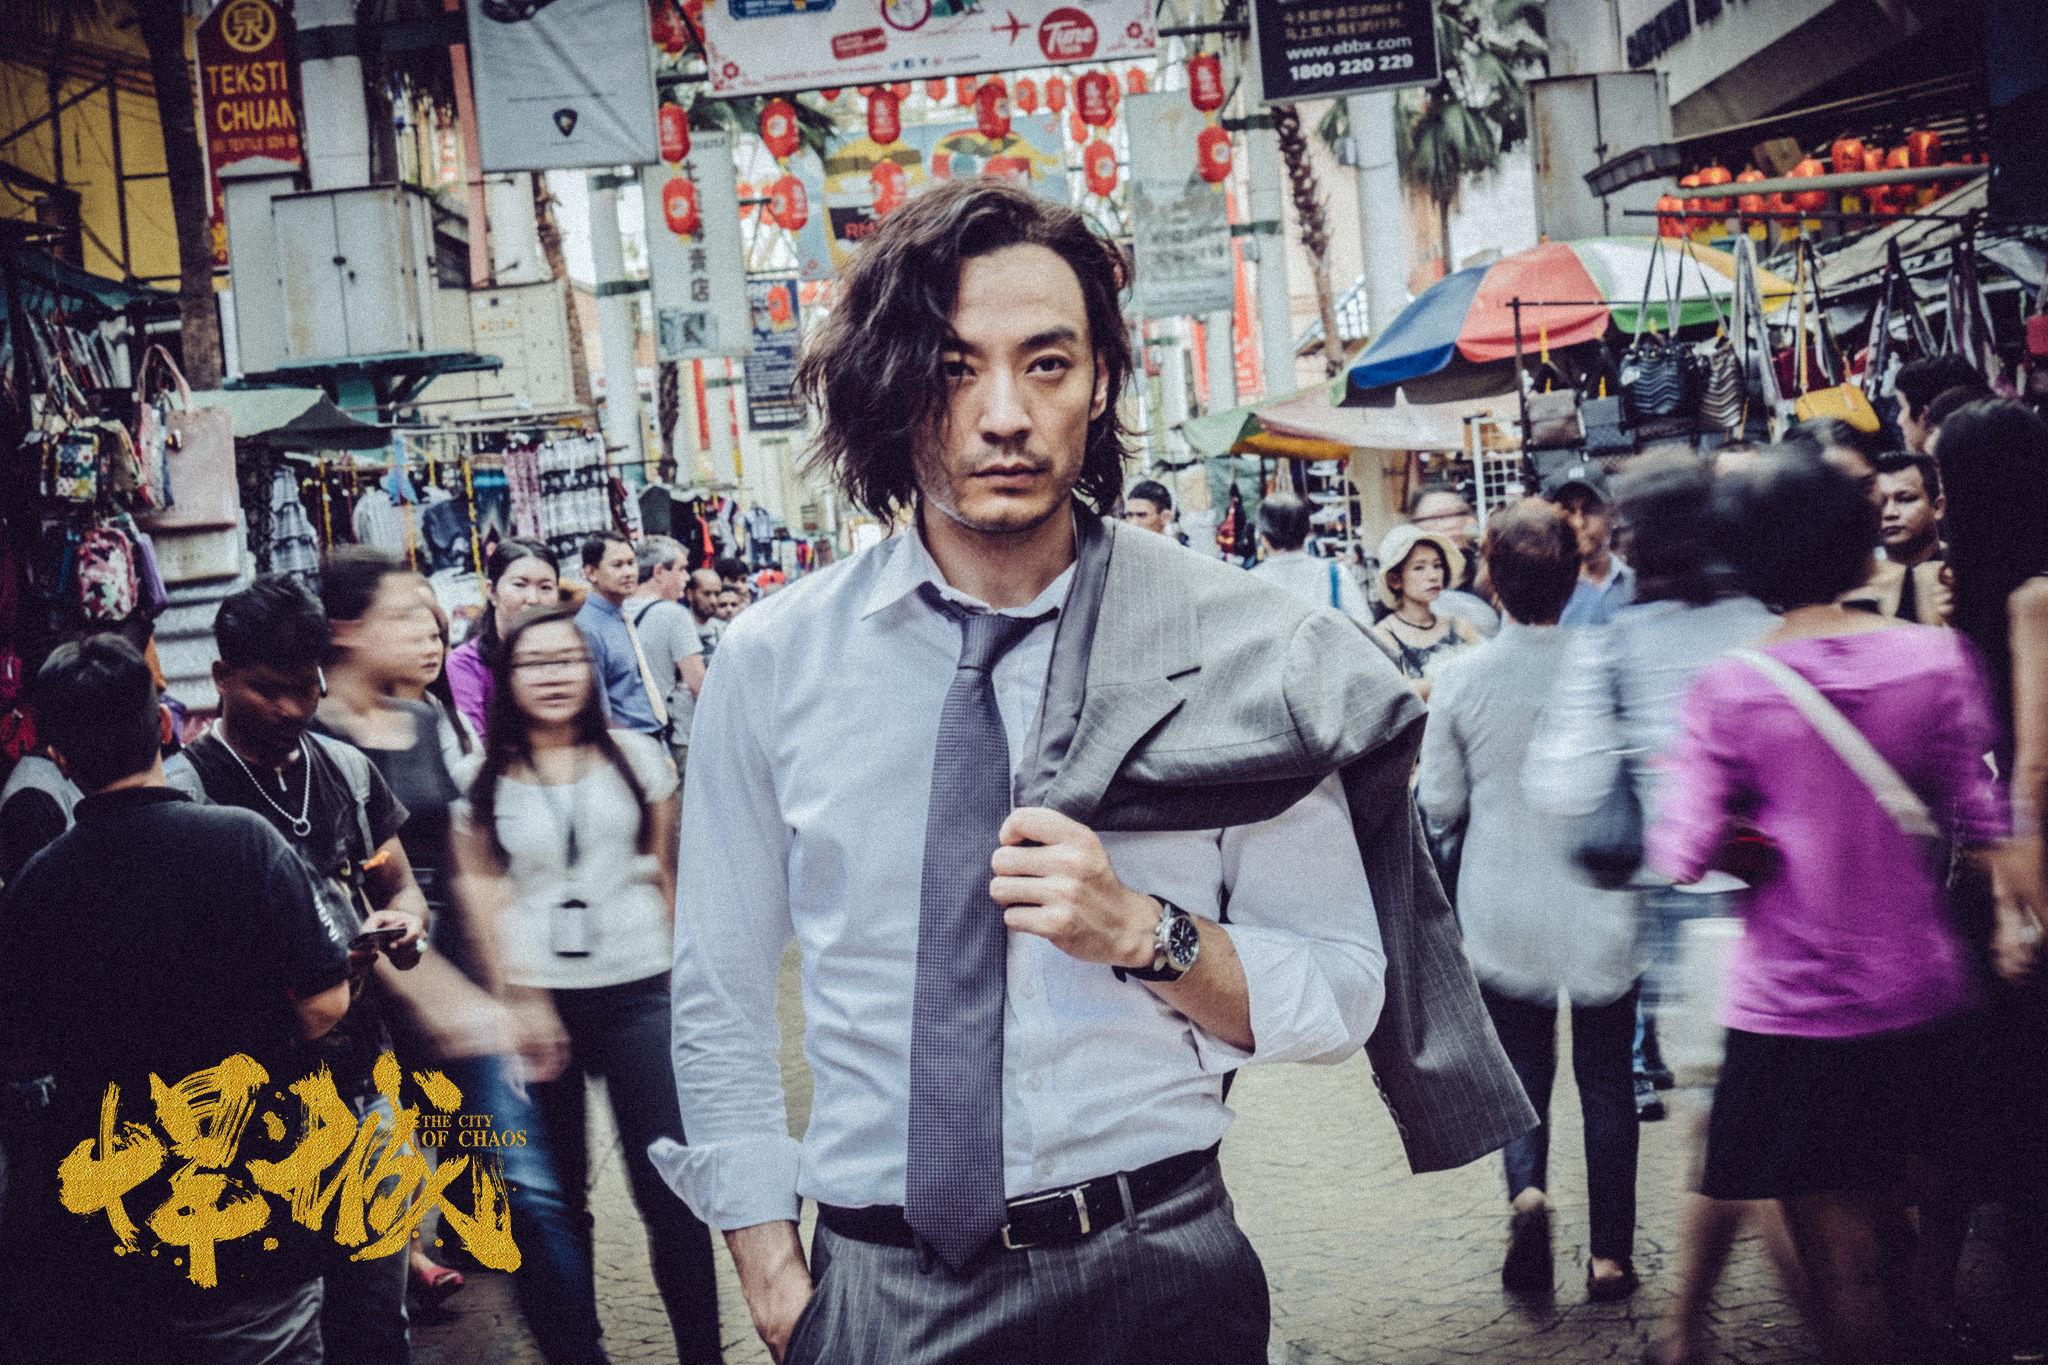 动作悬疑网剧《悍城》海外探班 李光洁袁文康主演